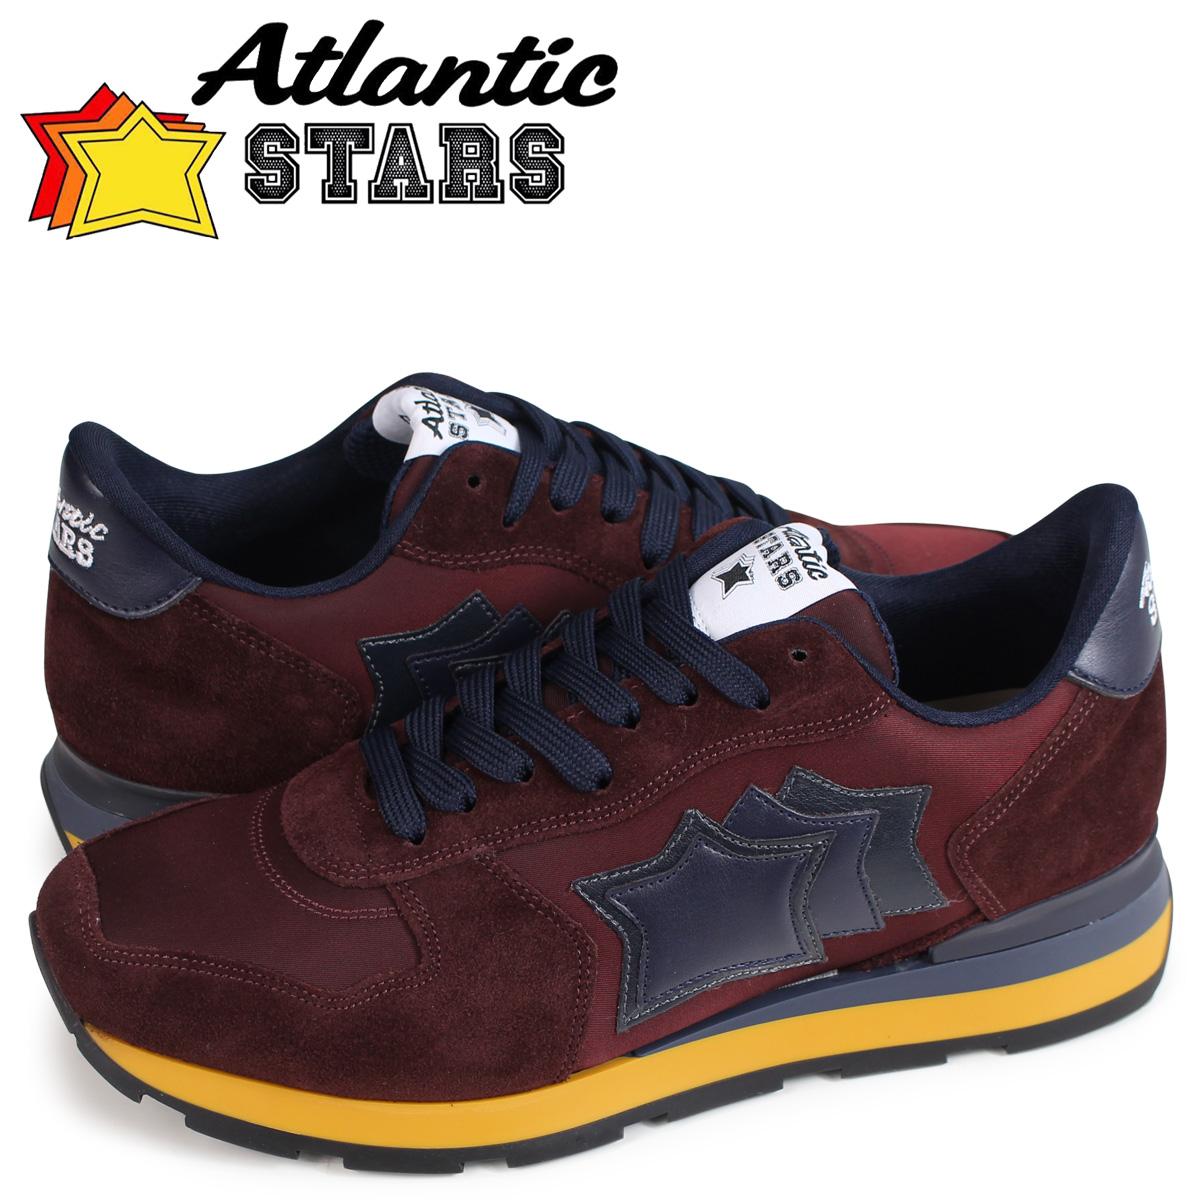 アトランティックスターズ Atlantic STARS アンタレス スニーカー メンズ ANTARES BCN-04NY ブラウン